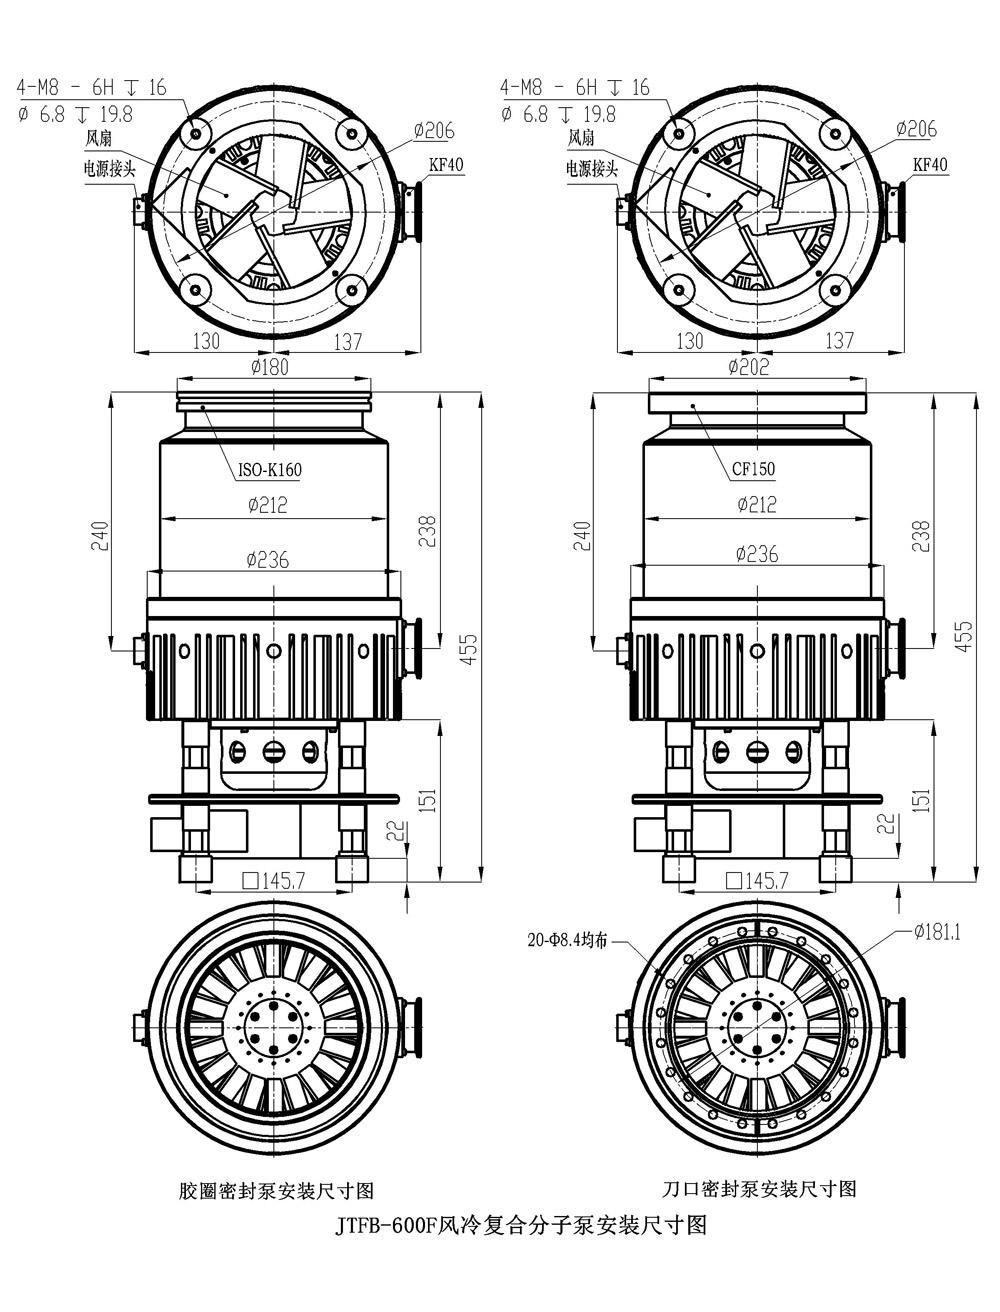 JTFB-600F1111